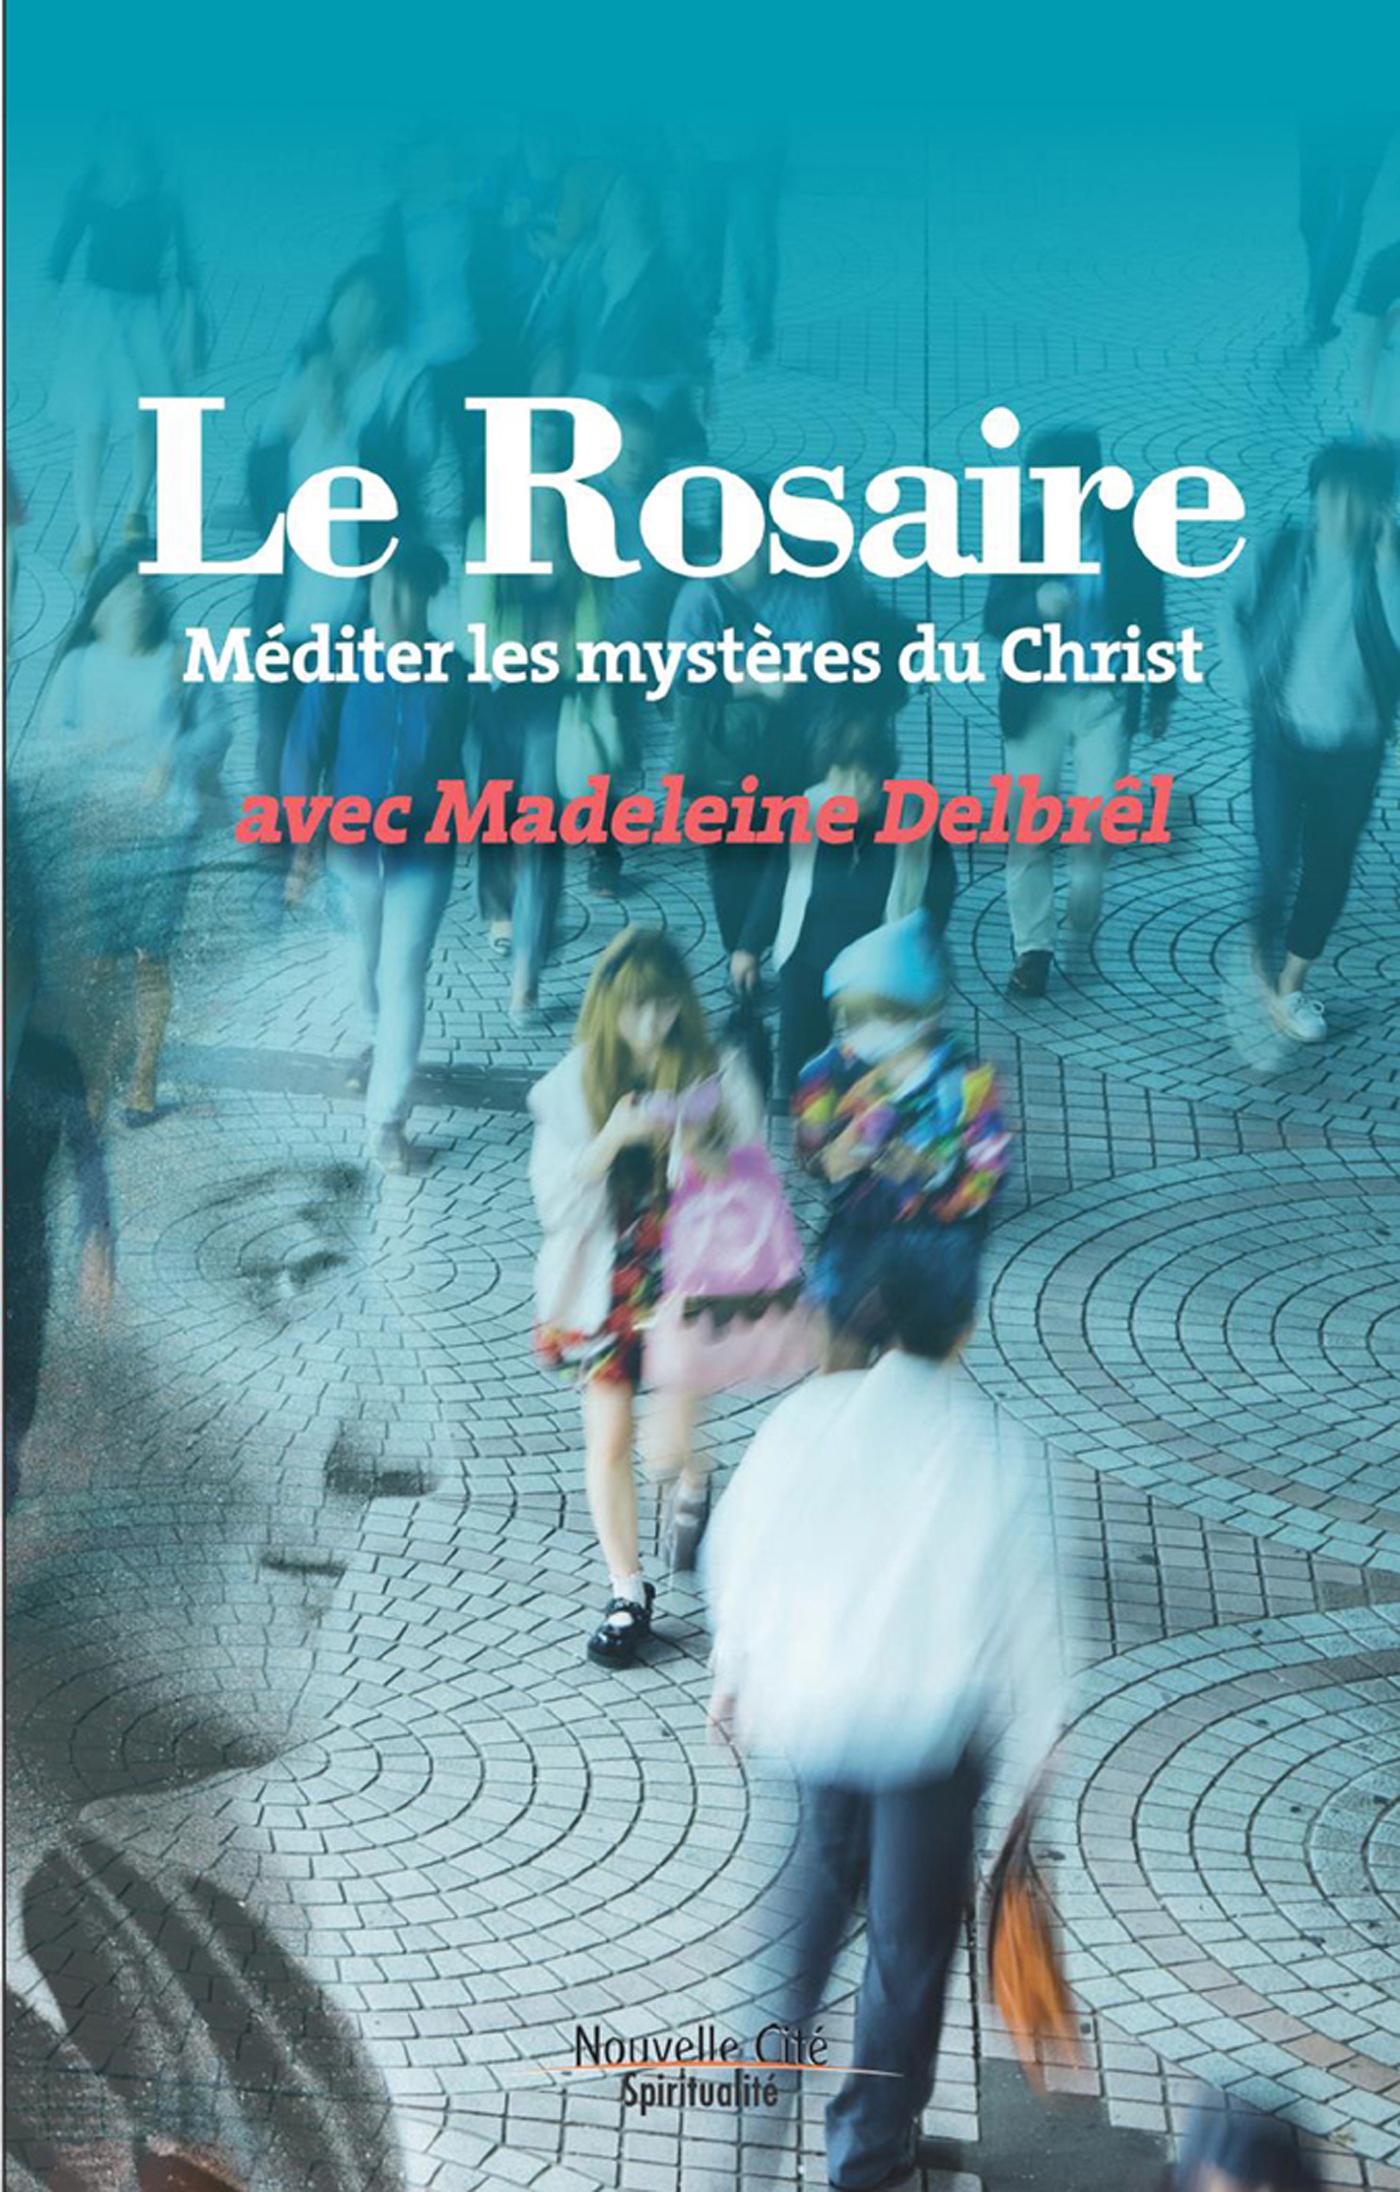 ROSAIRE - MEDITER LES MYSTERES DU CHRIST AVEC MADELEINE DELBREL